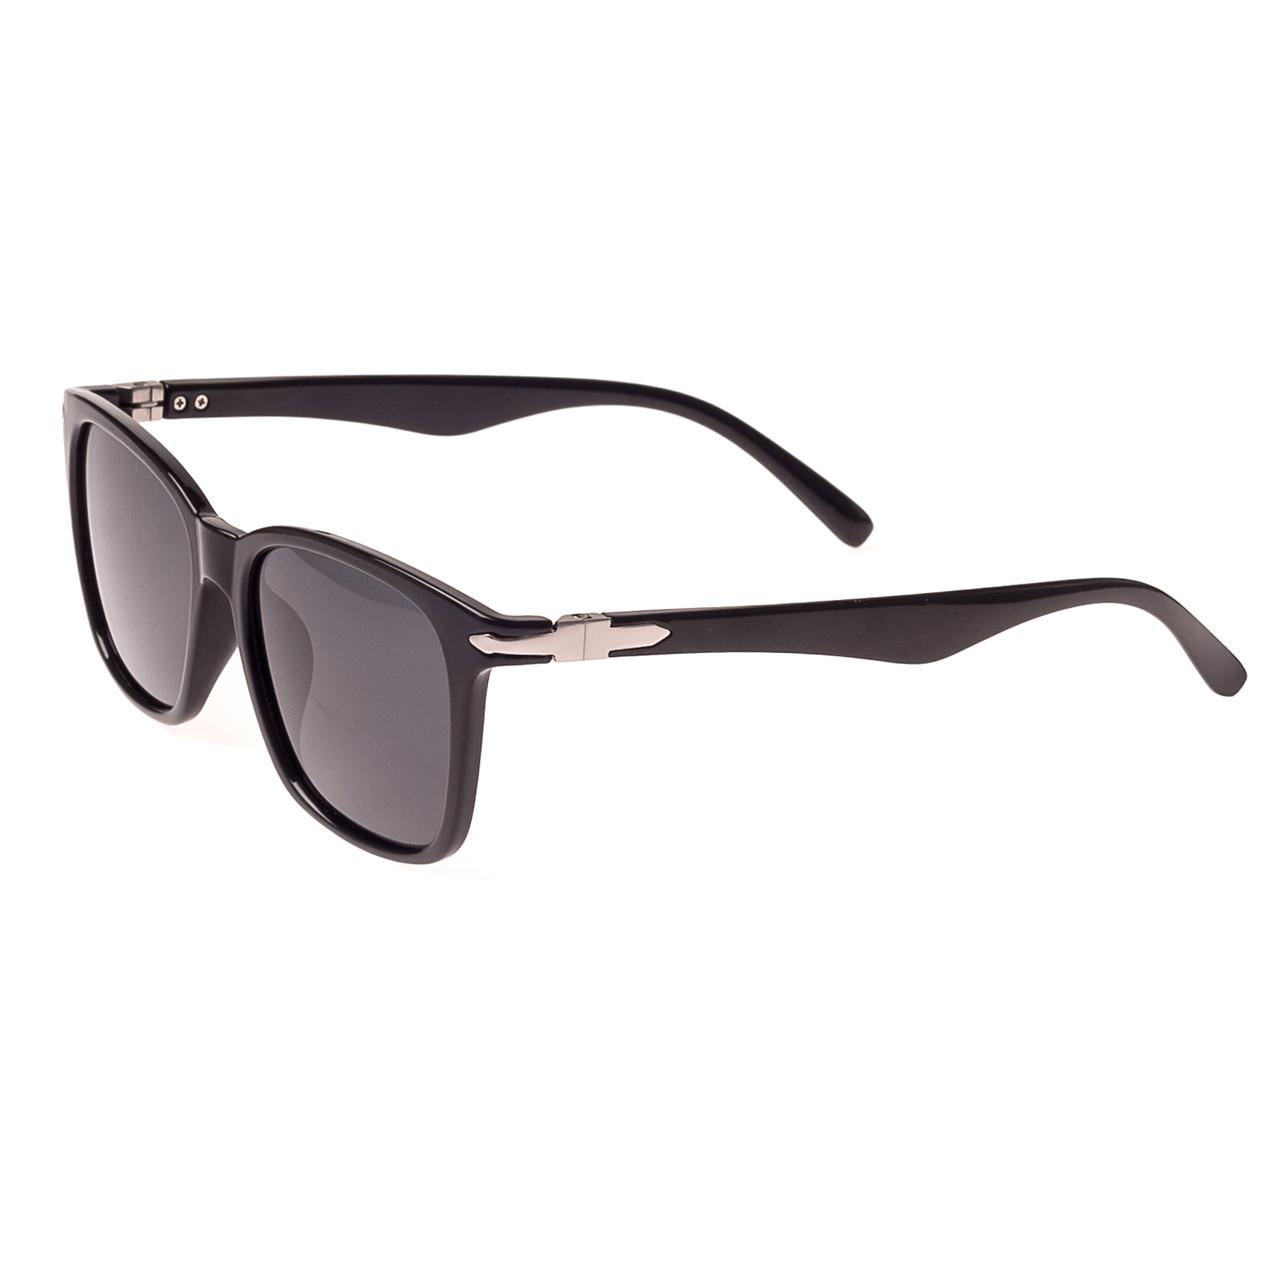 Солнцезащитные очки  Мужские цвет Черный      Линза-поликарбонат ( 8091-01 )